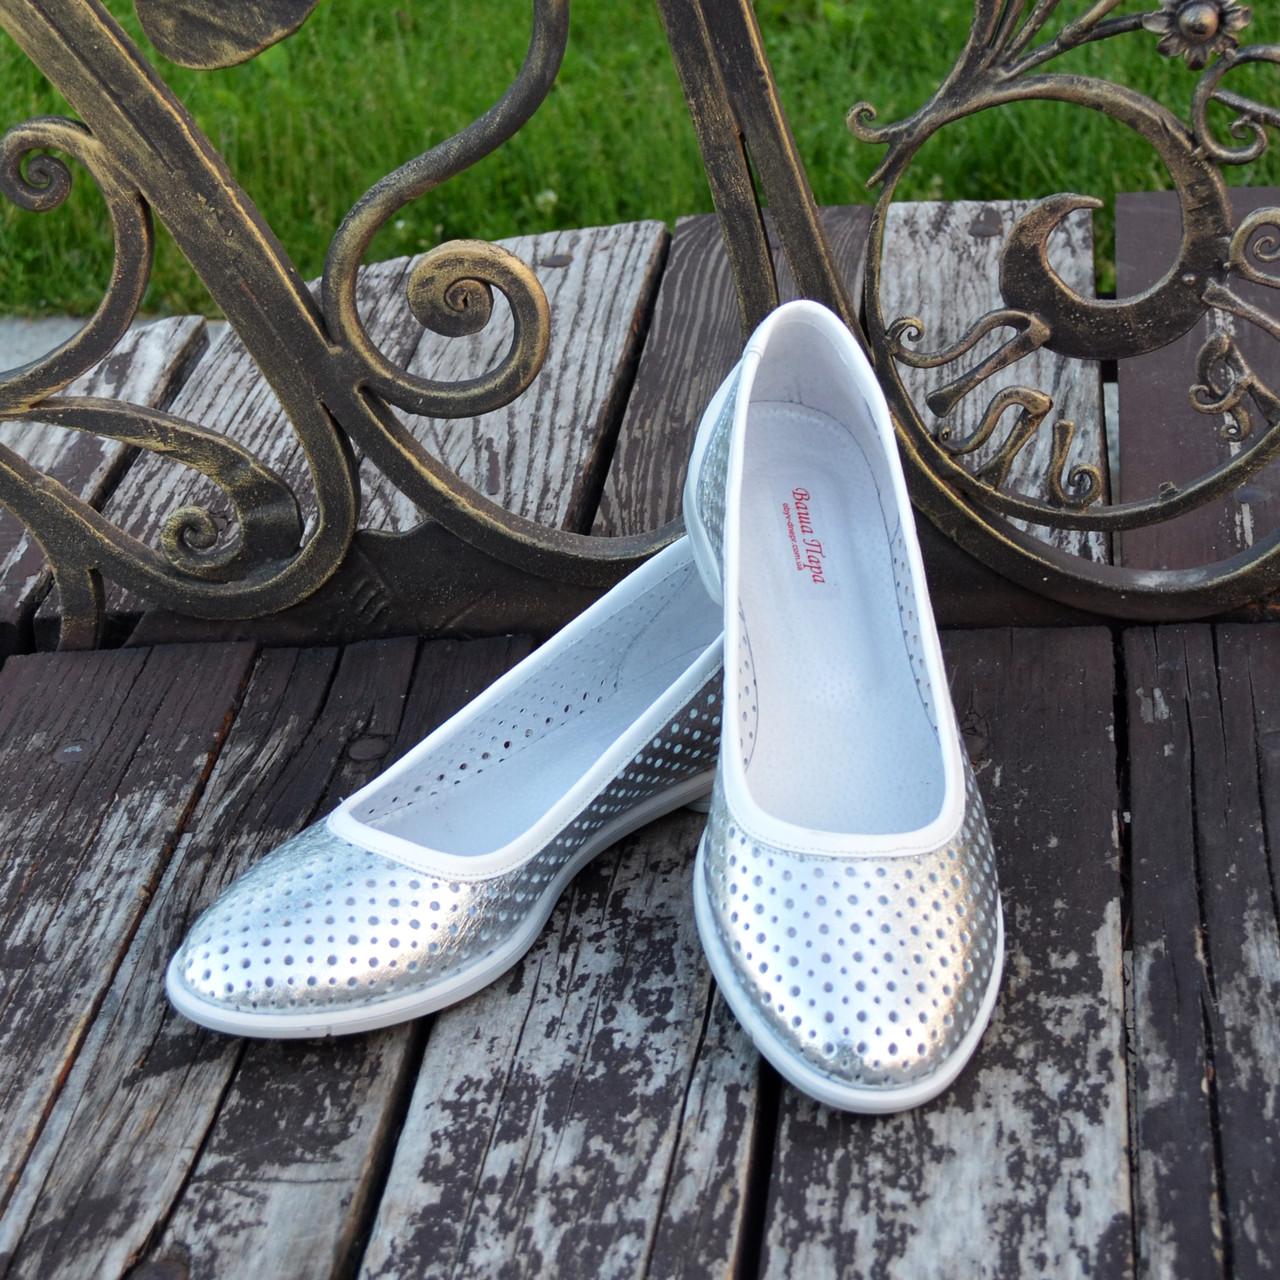 Балетки кожаные на низком ходу, цвет серебро/белый